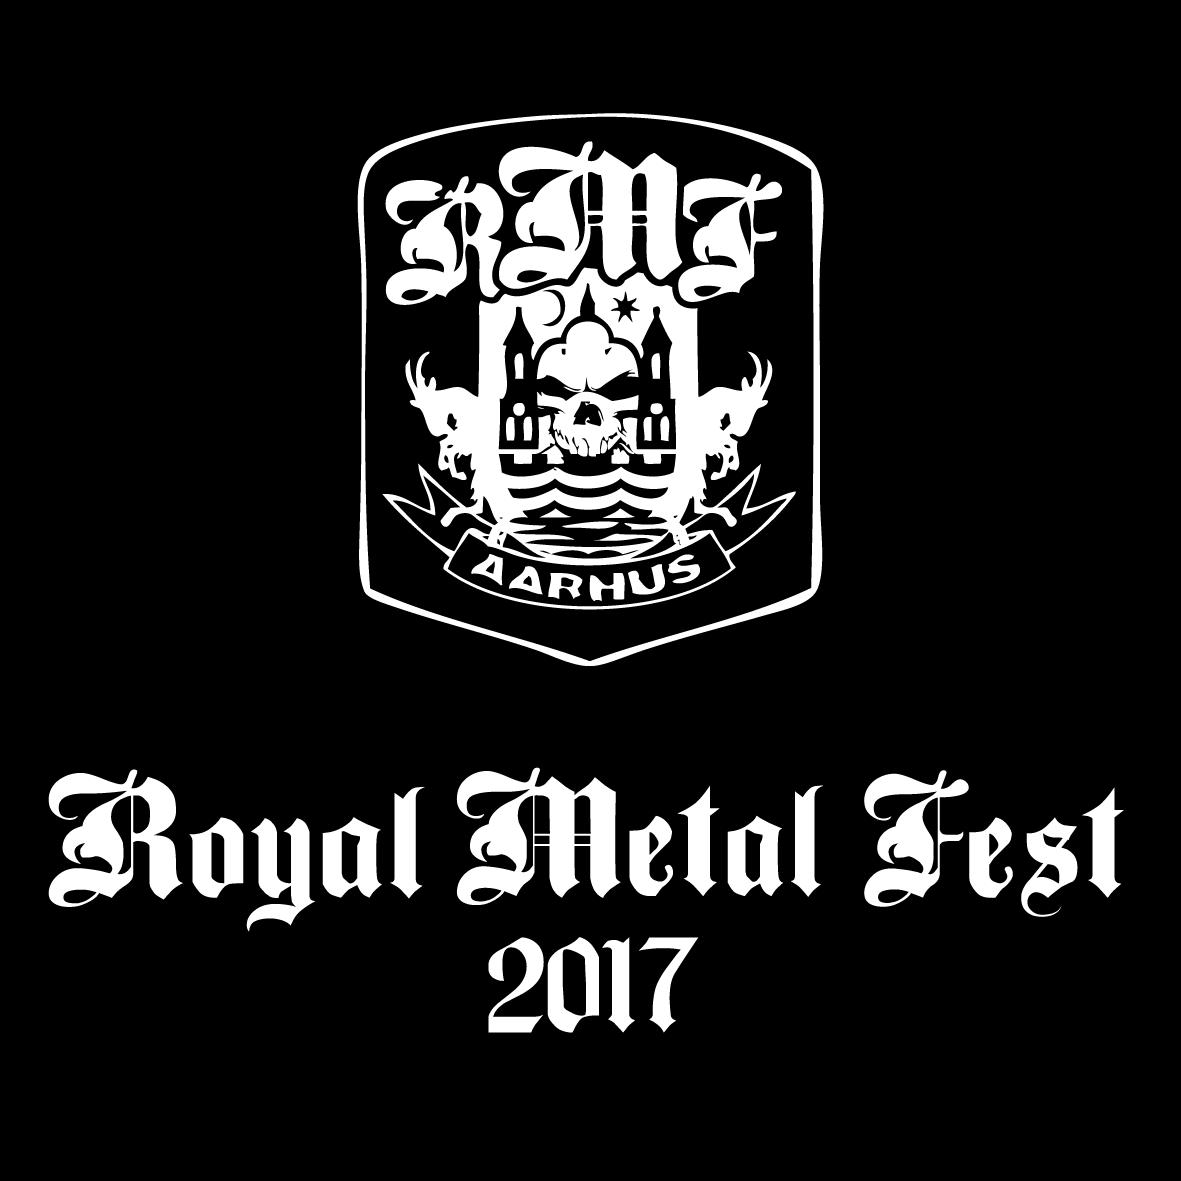 En kronologisk øjenvidneberetning fra Royal Metal Fest 2017, del 2